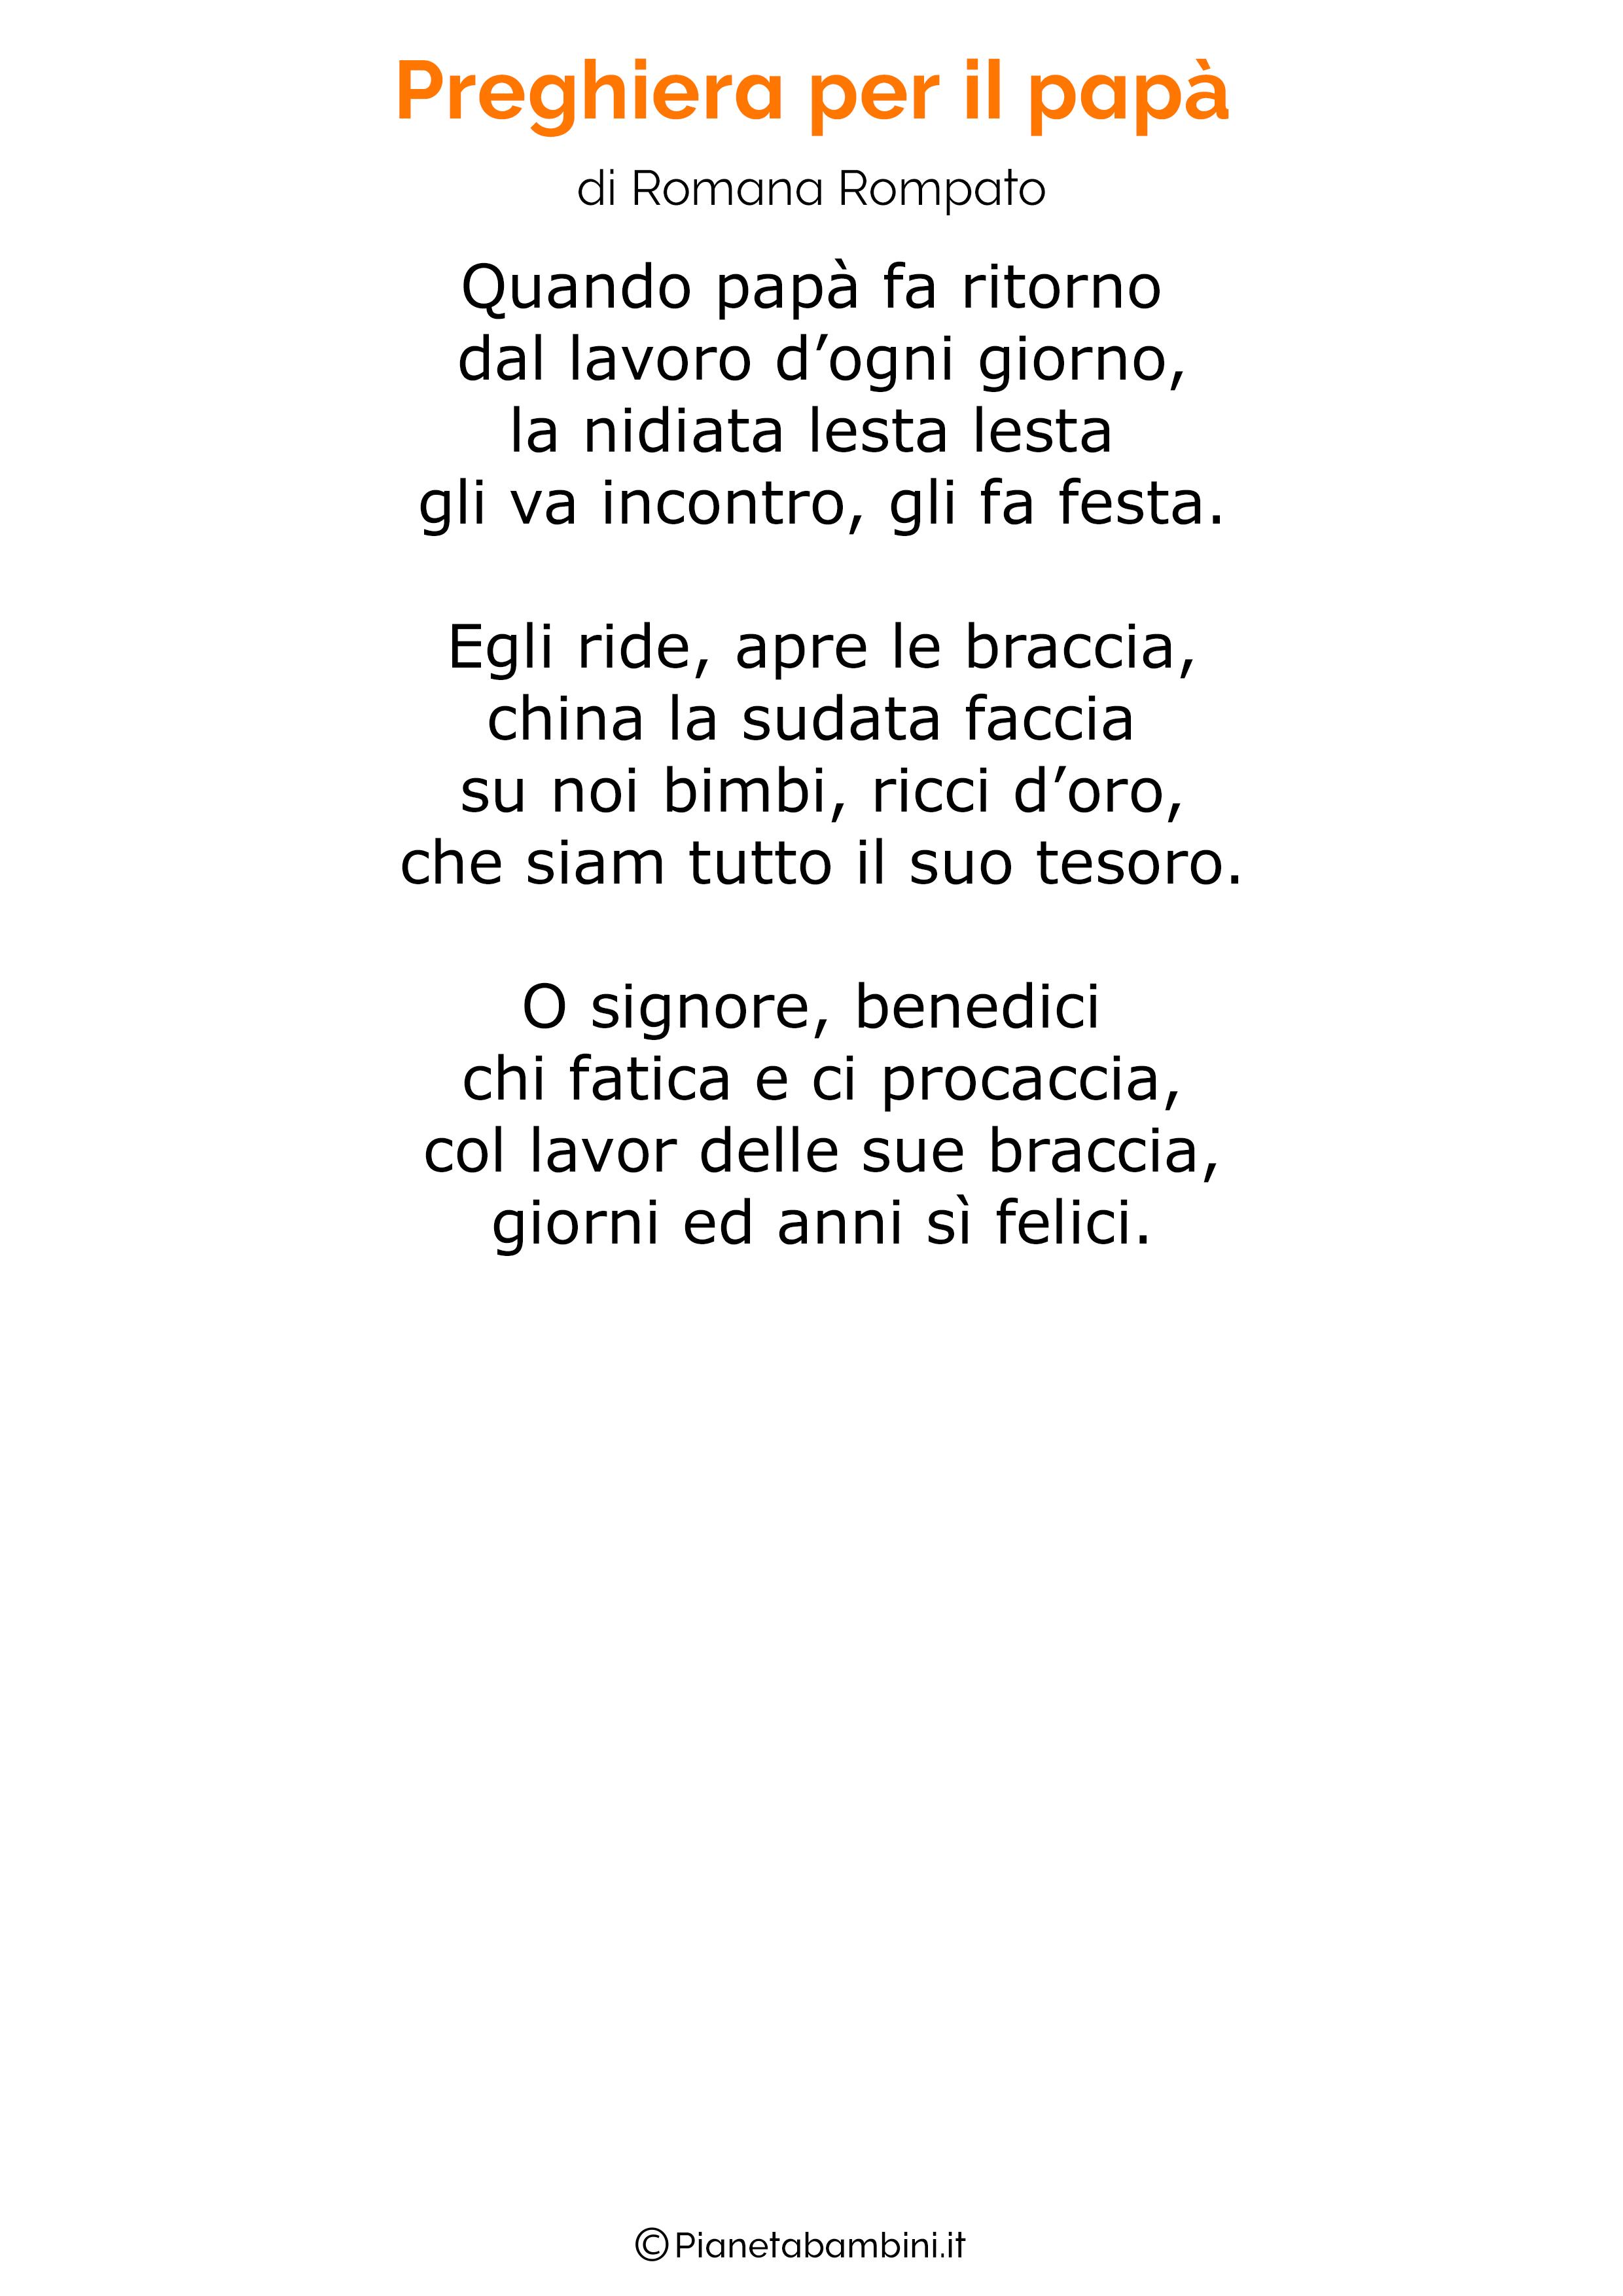 Poesia per la festa del papa per bambini 25